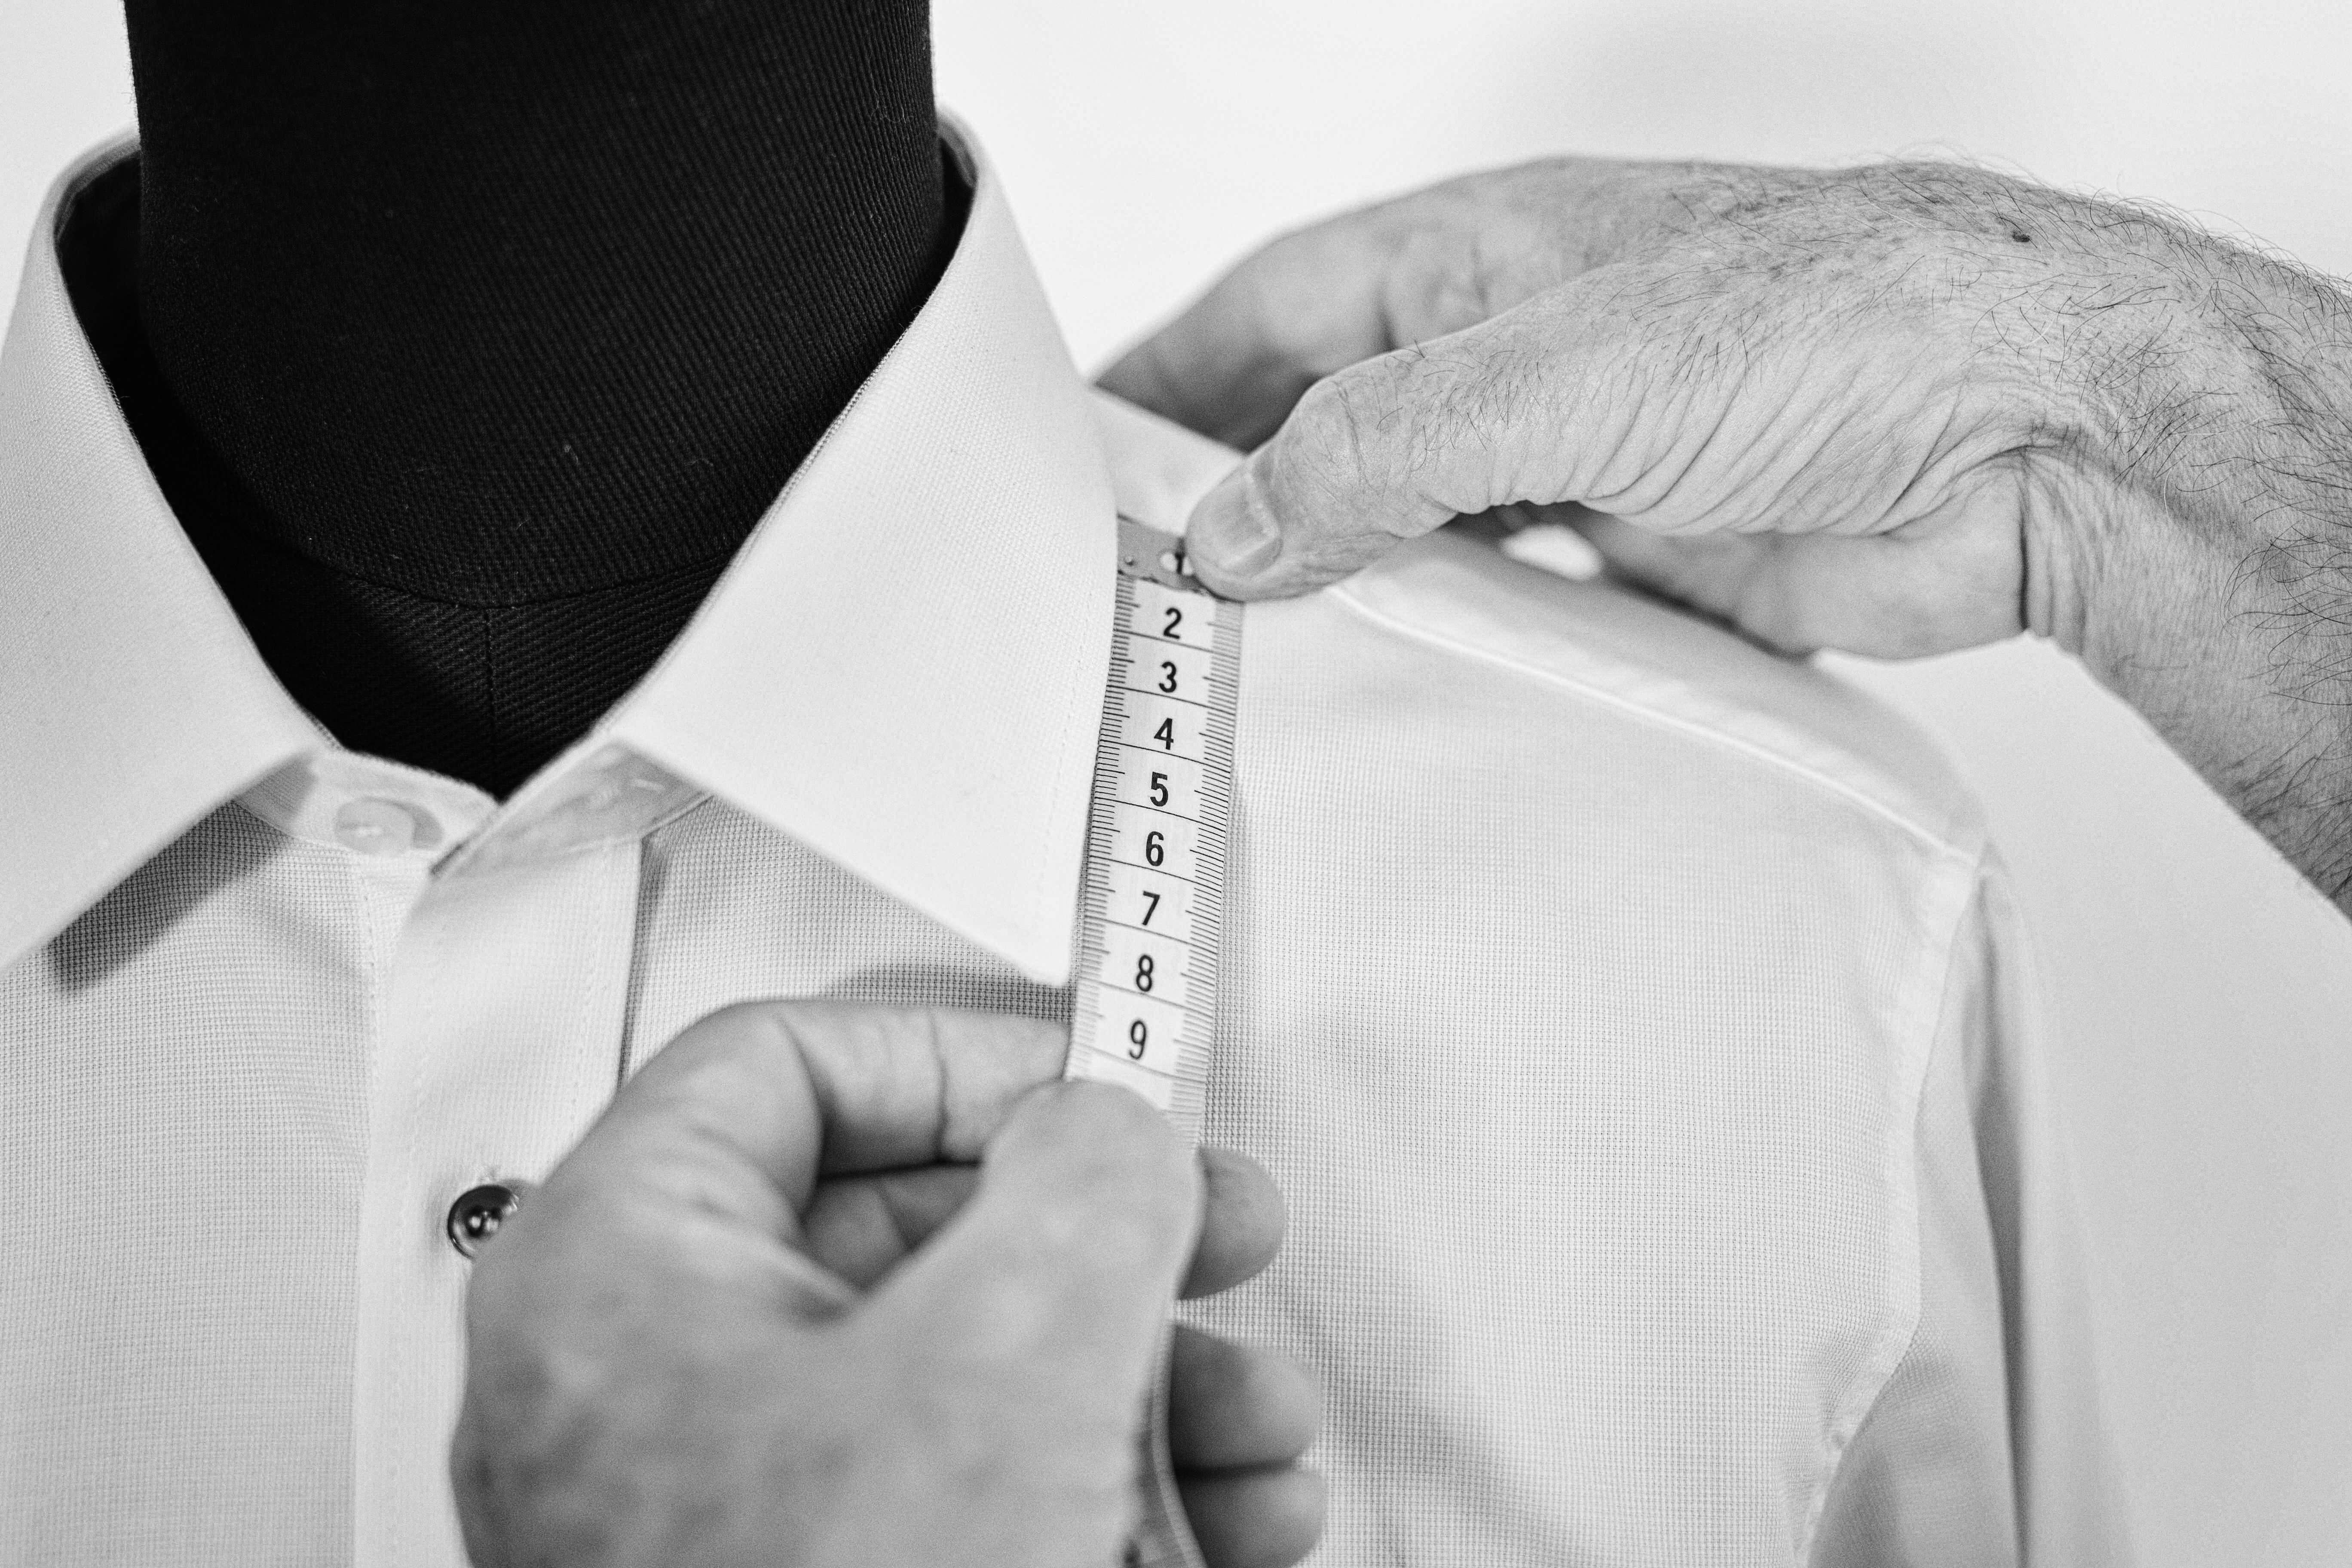 mierzenie wymiarów do garnituru